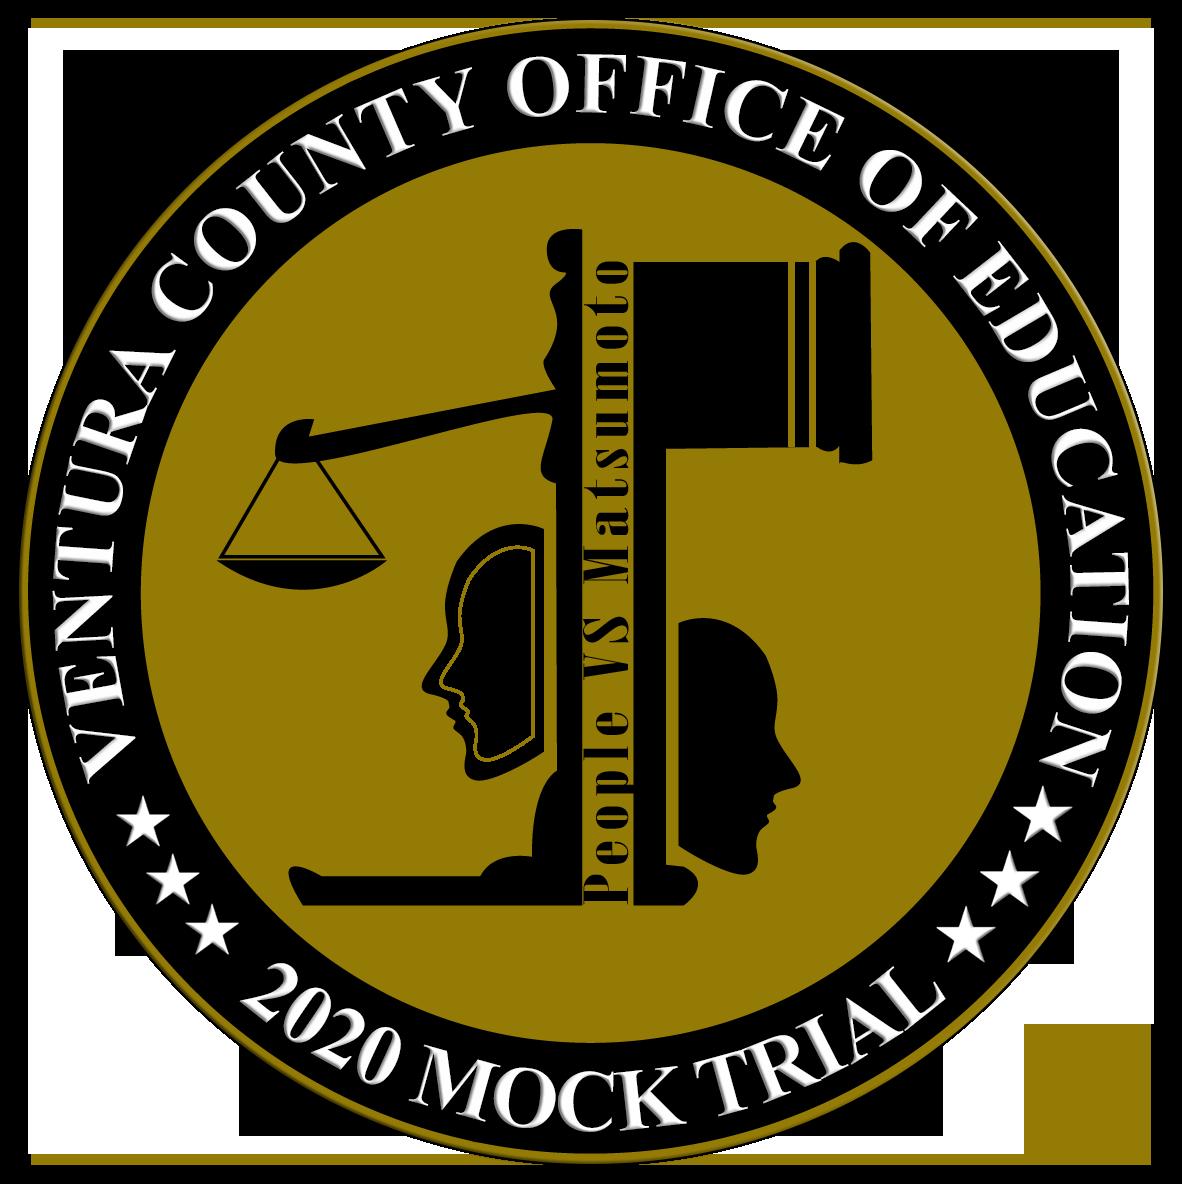 2020 Ventura County Mock Trial Begins Monday